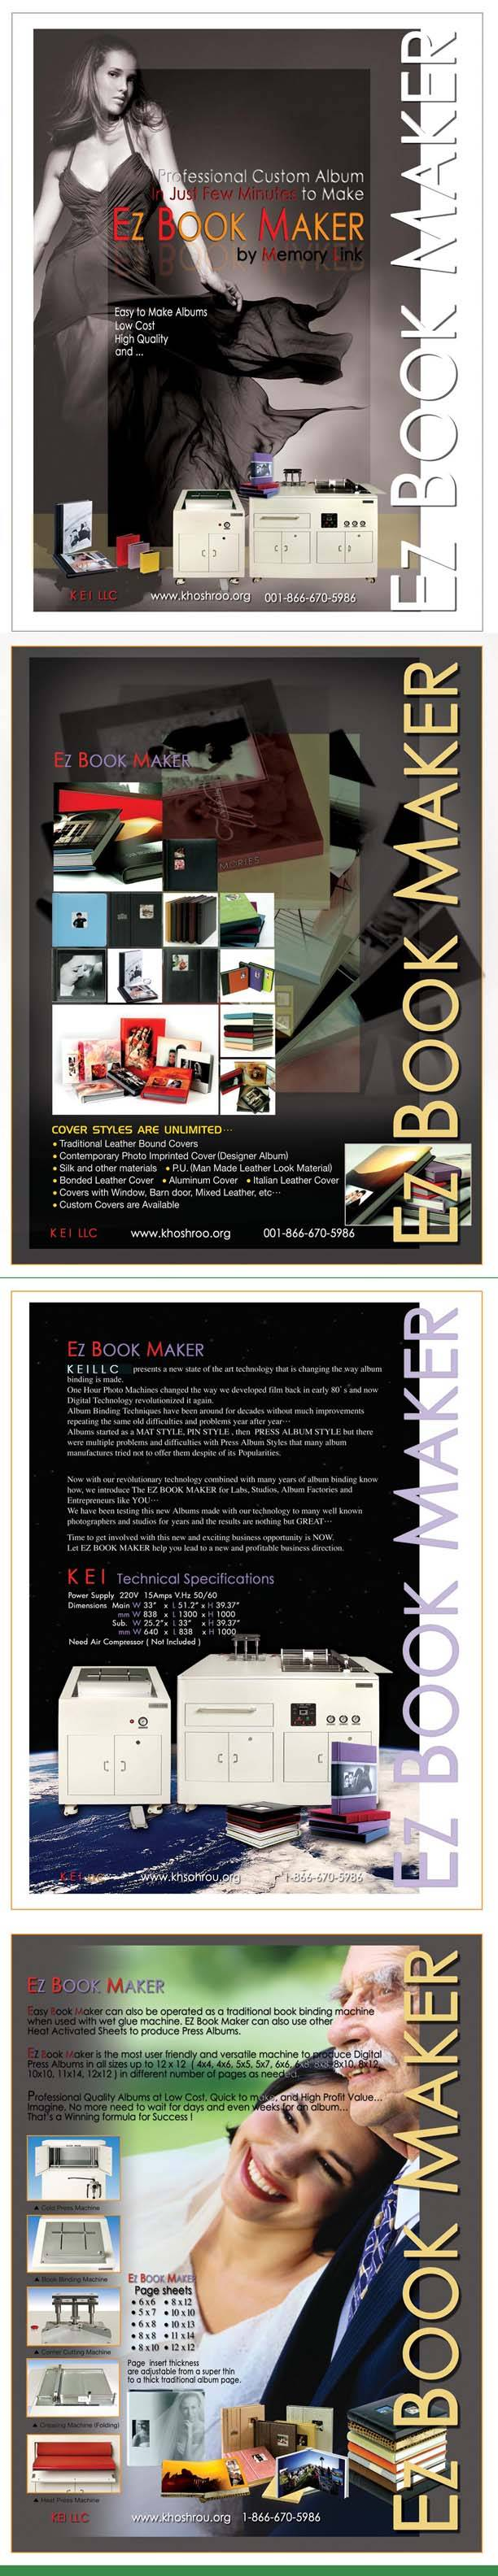 EZ BOOK MAKER